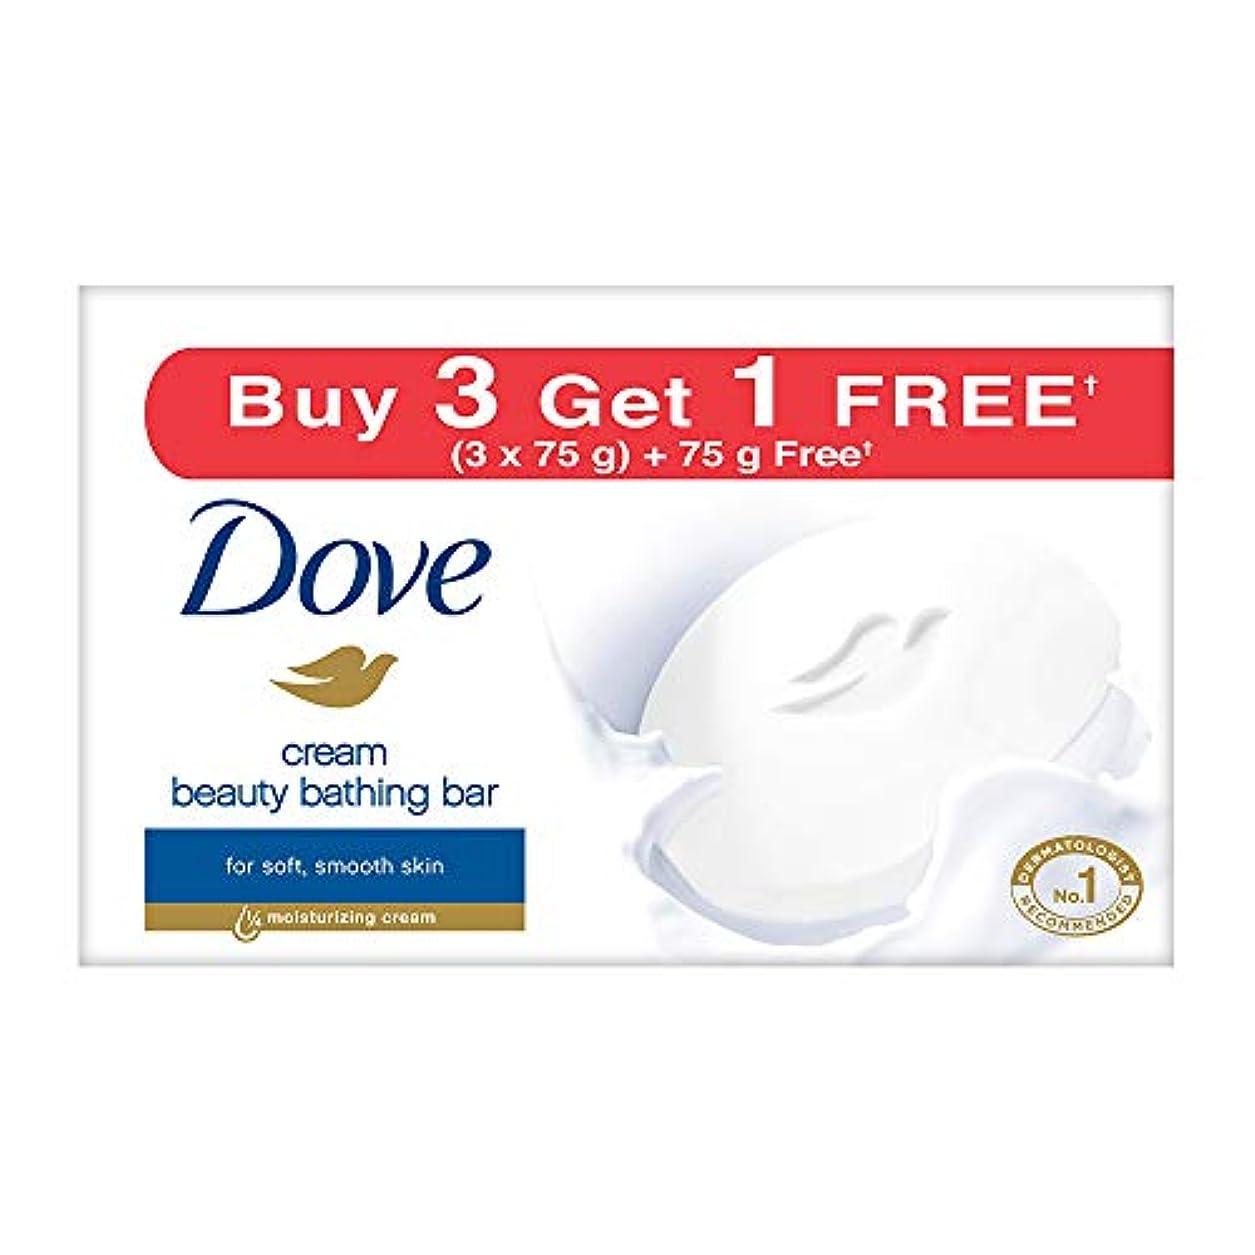 悩む再編成する移民Dove Cream Beauty Bathing Bar, 4x75g